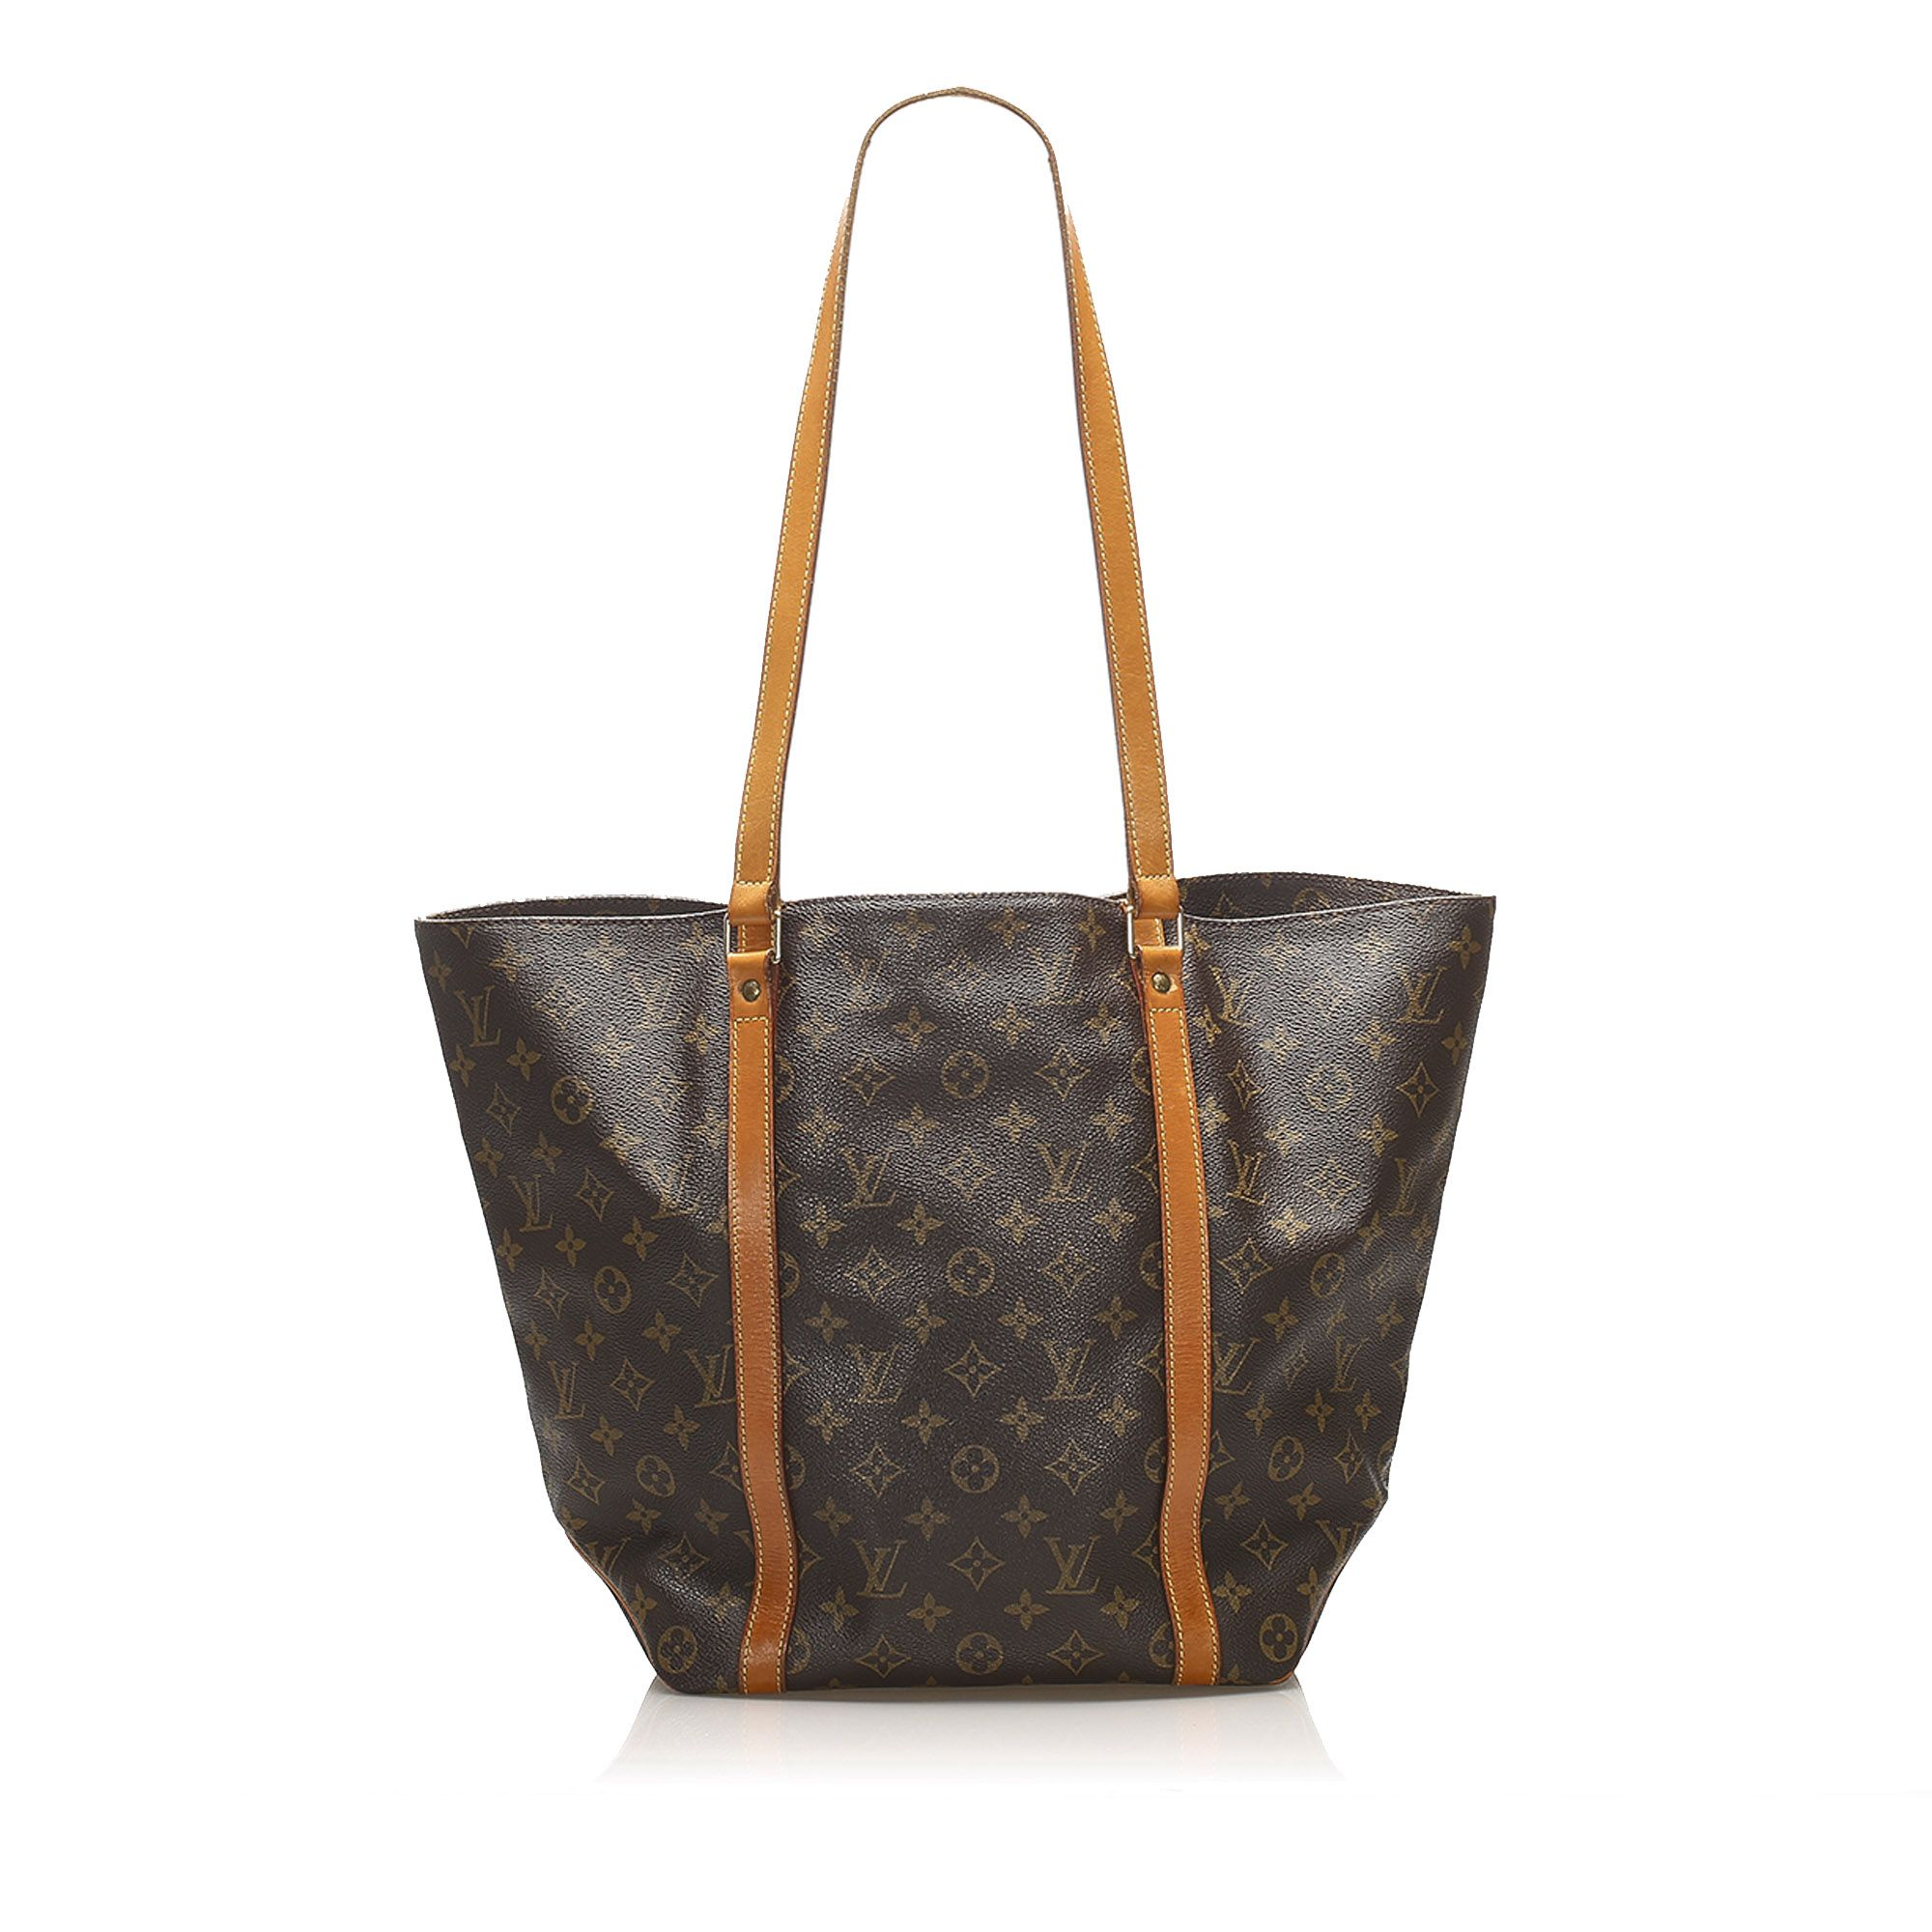 Vintage Louis Vuitton Monogram Sac Shopping 48 Brown